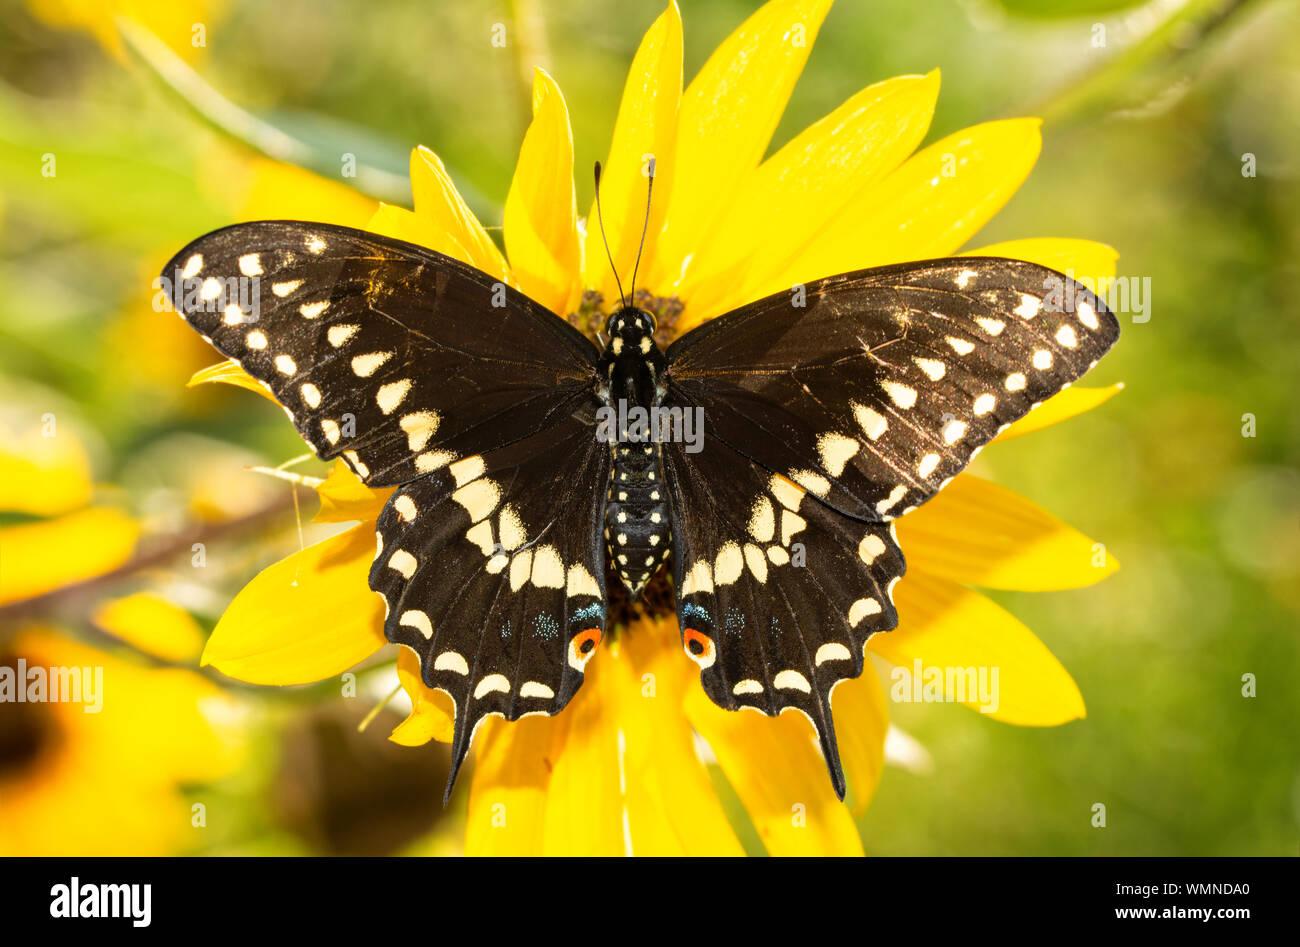 Pleine vue dorsale d'ouvrir l'ailes d'un papillon noir sur un tournesol indigène en matin radieux soleil Banque D'Images